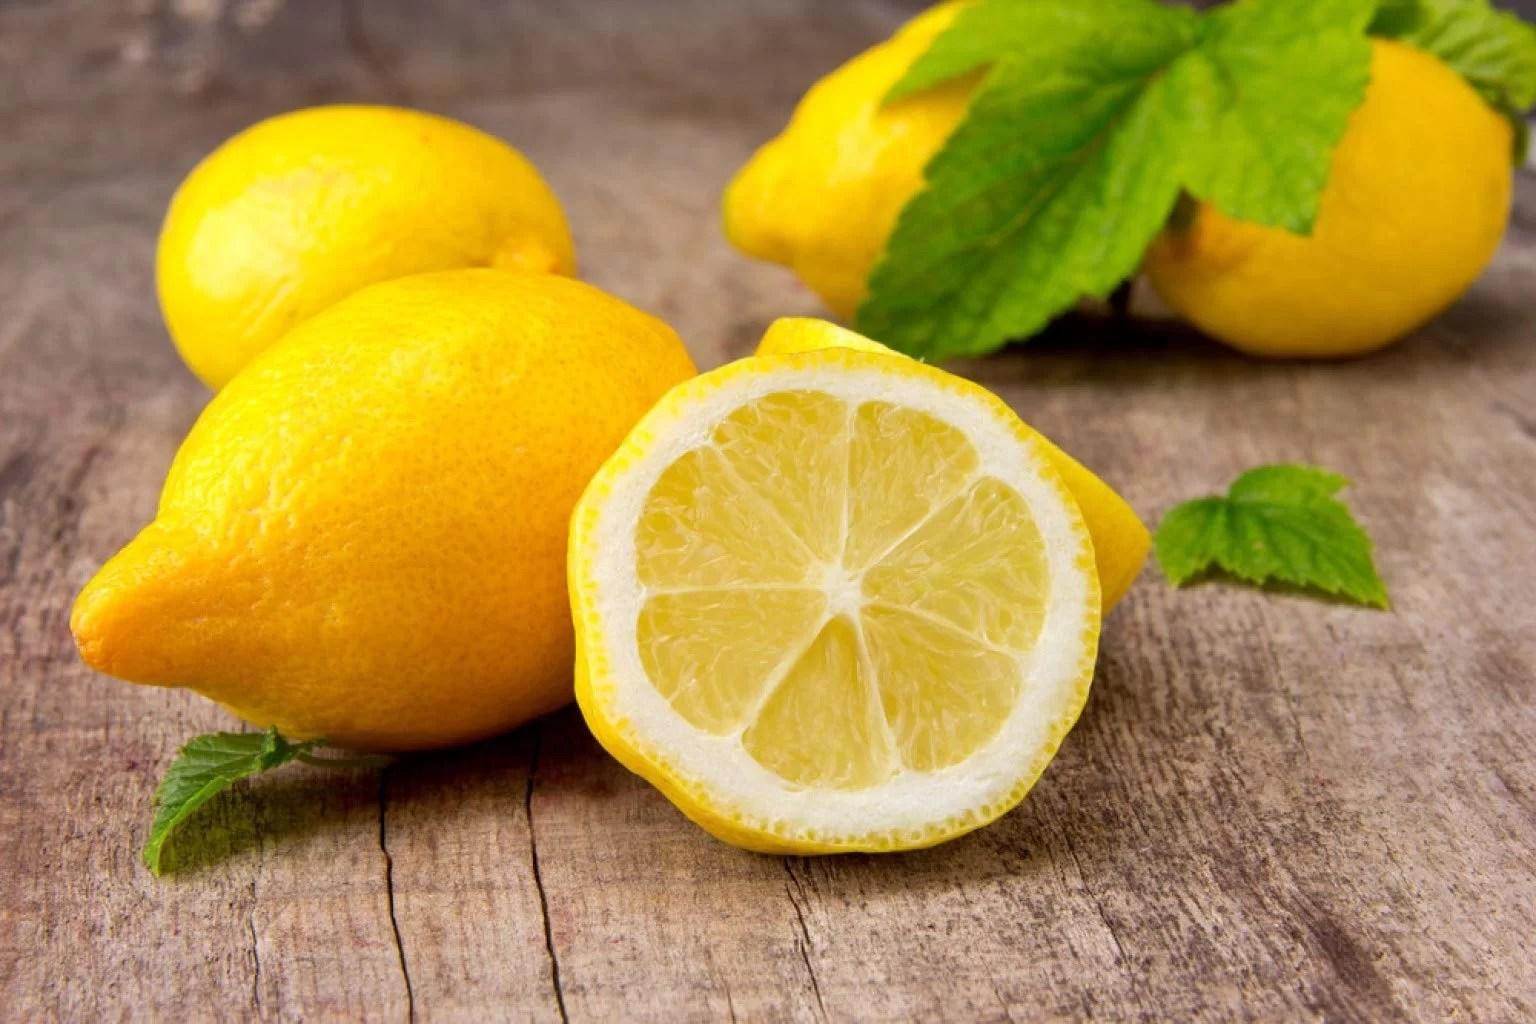 kokie maisto produktai reikalingi hipertenzijai gydyti